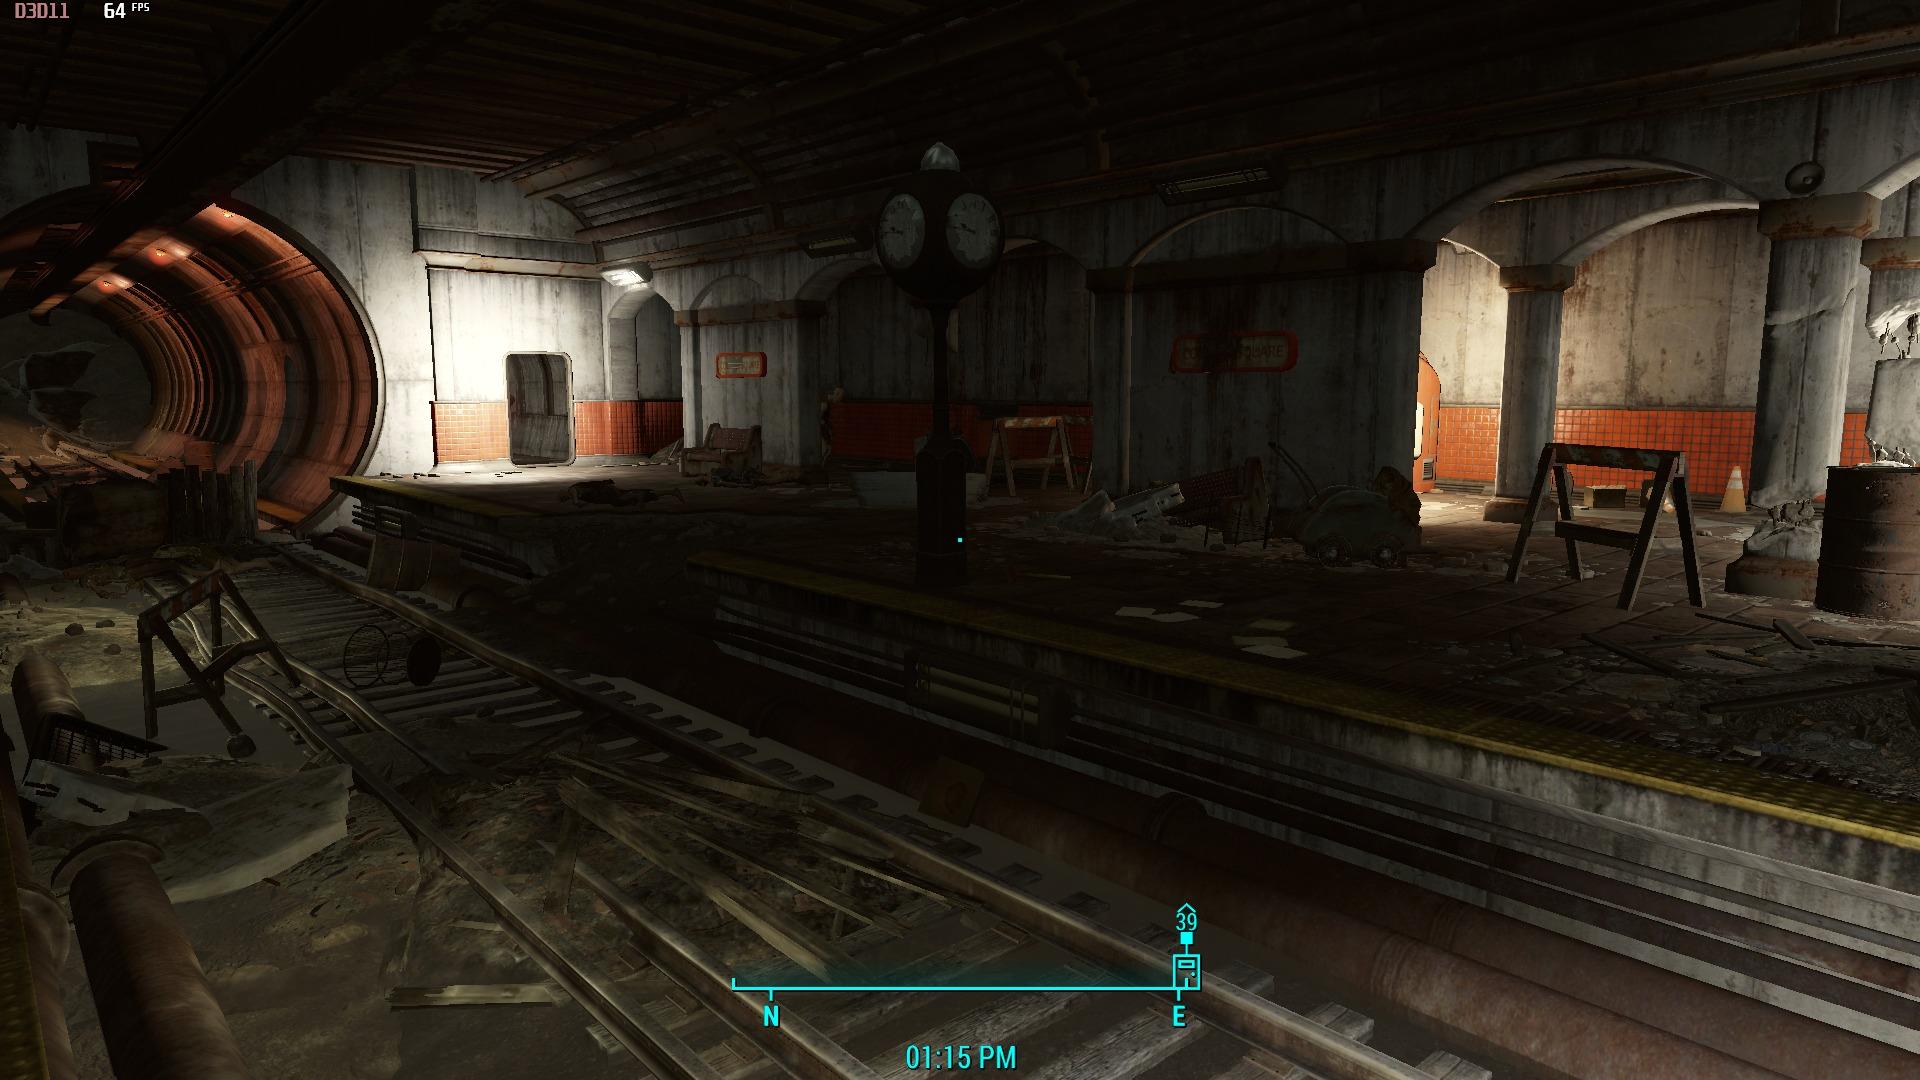 パフォーマンス おすすめMOD順 - Fallout4 Mod データベース